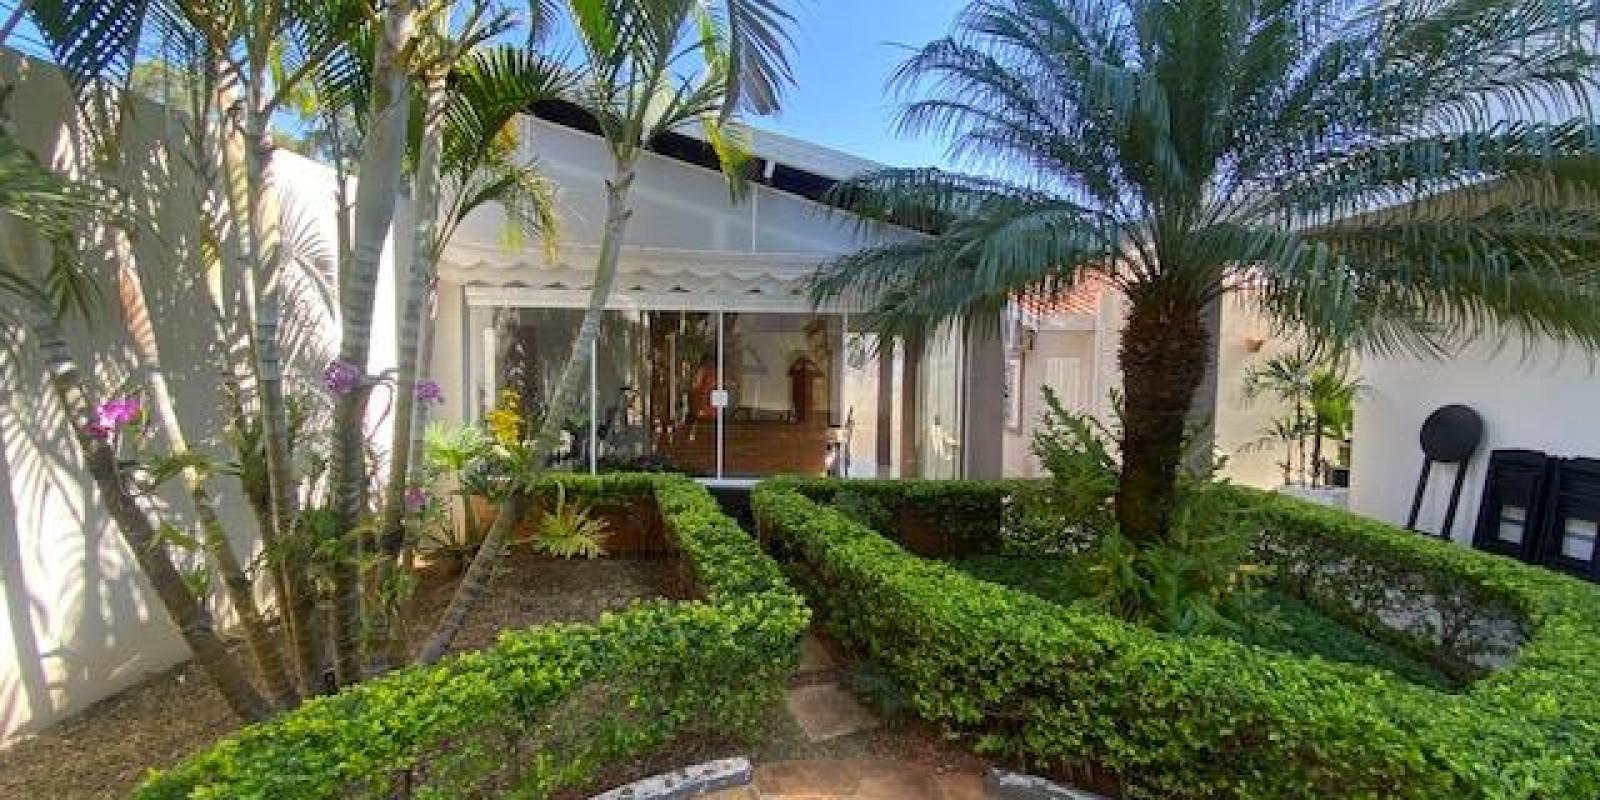 Casa Conjugada com Sobrado no Jd Boa Vista em Avaré SP - Foto 10 de 35